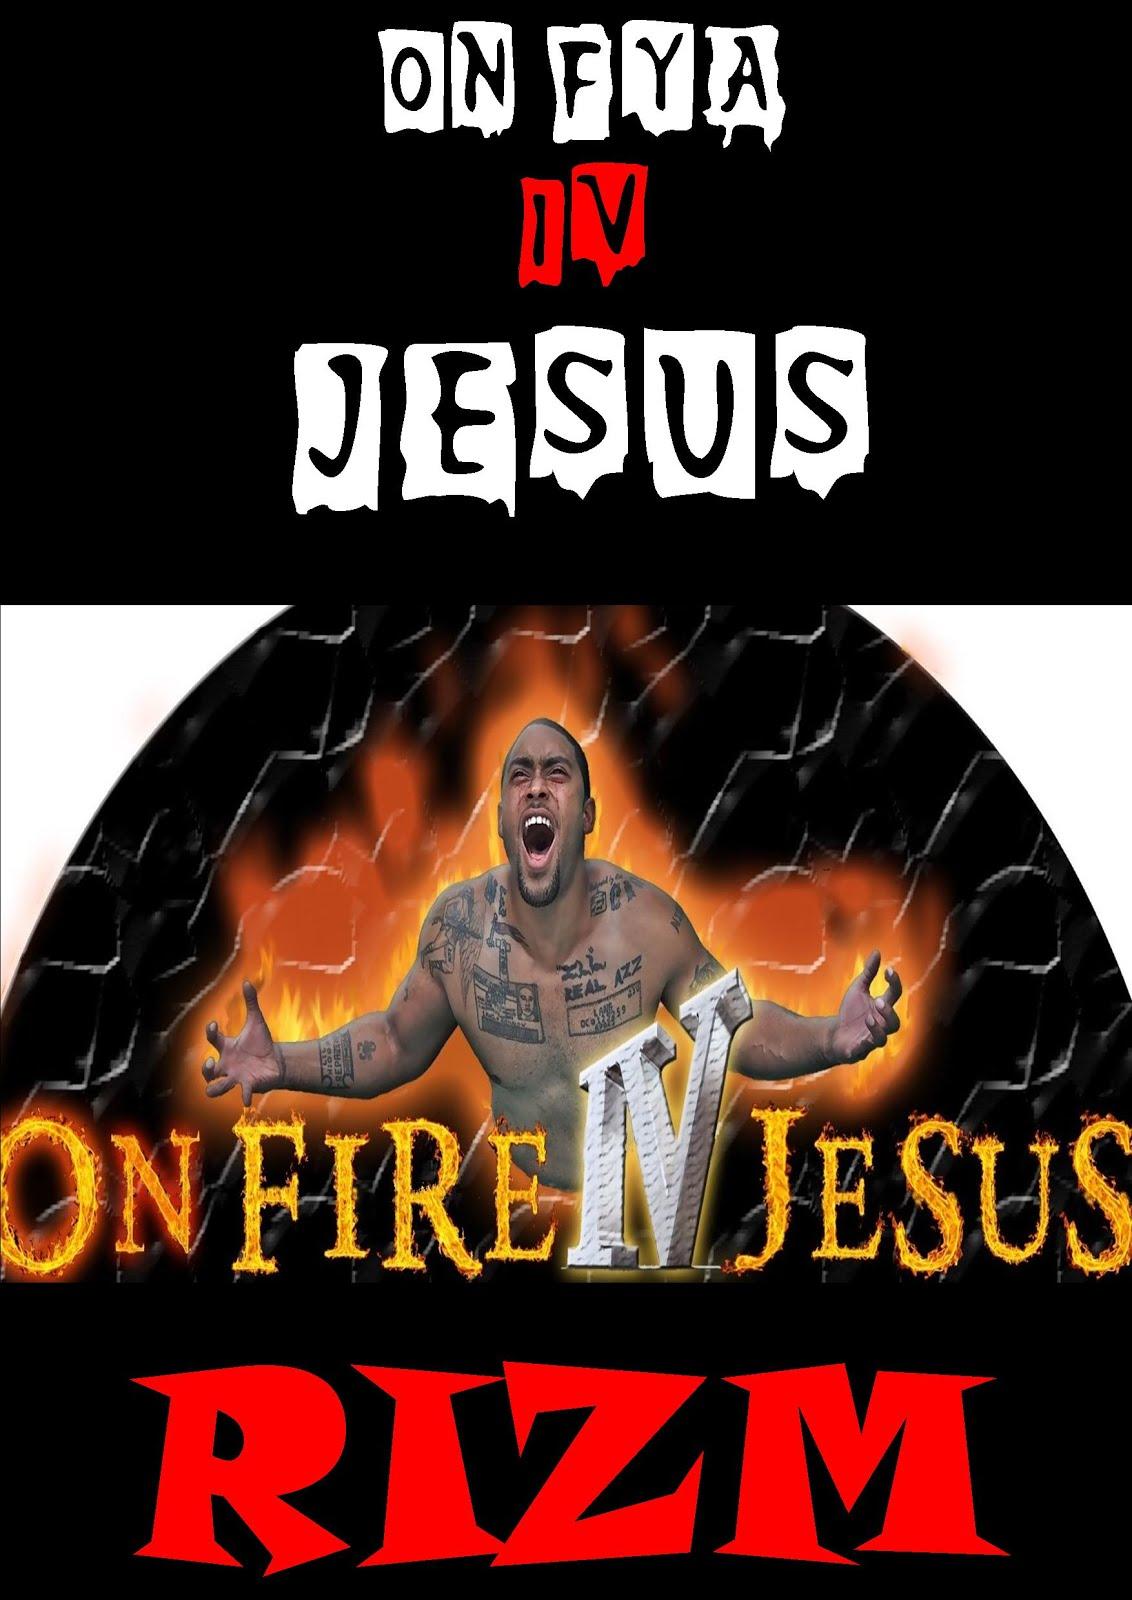 On Fya 4 Jesus